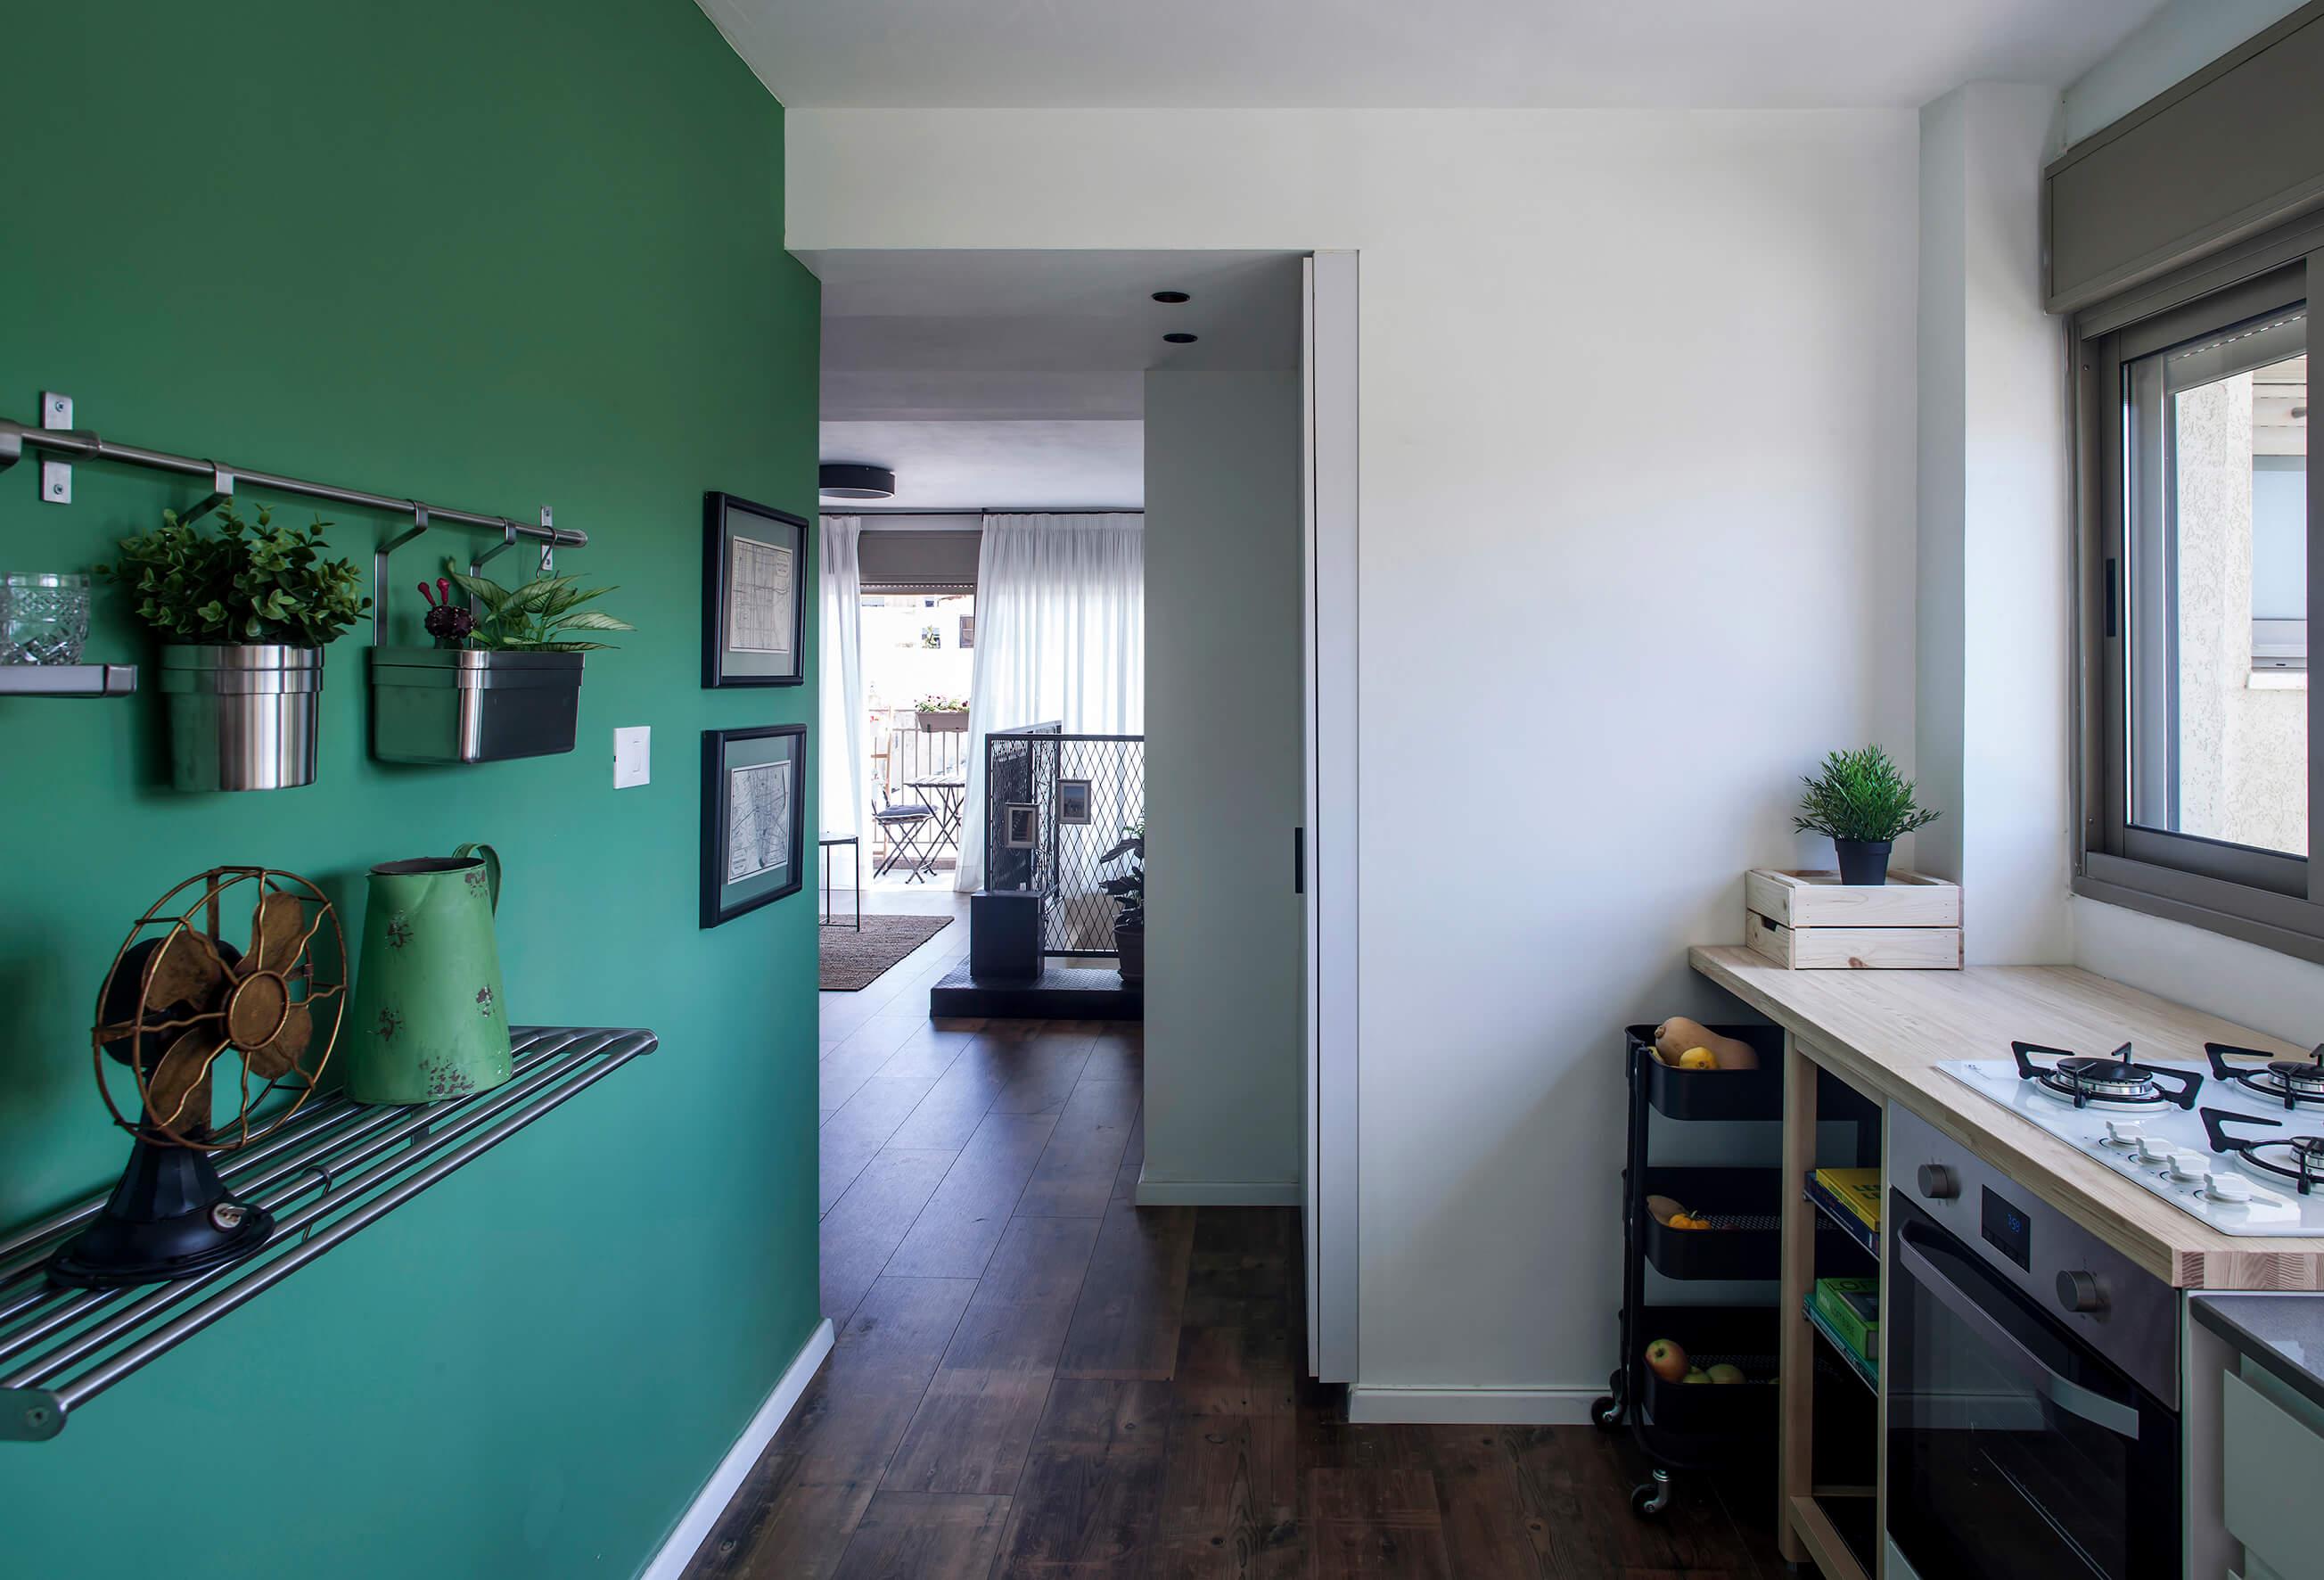 עיצוב דירה שכורה